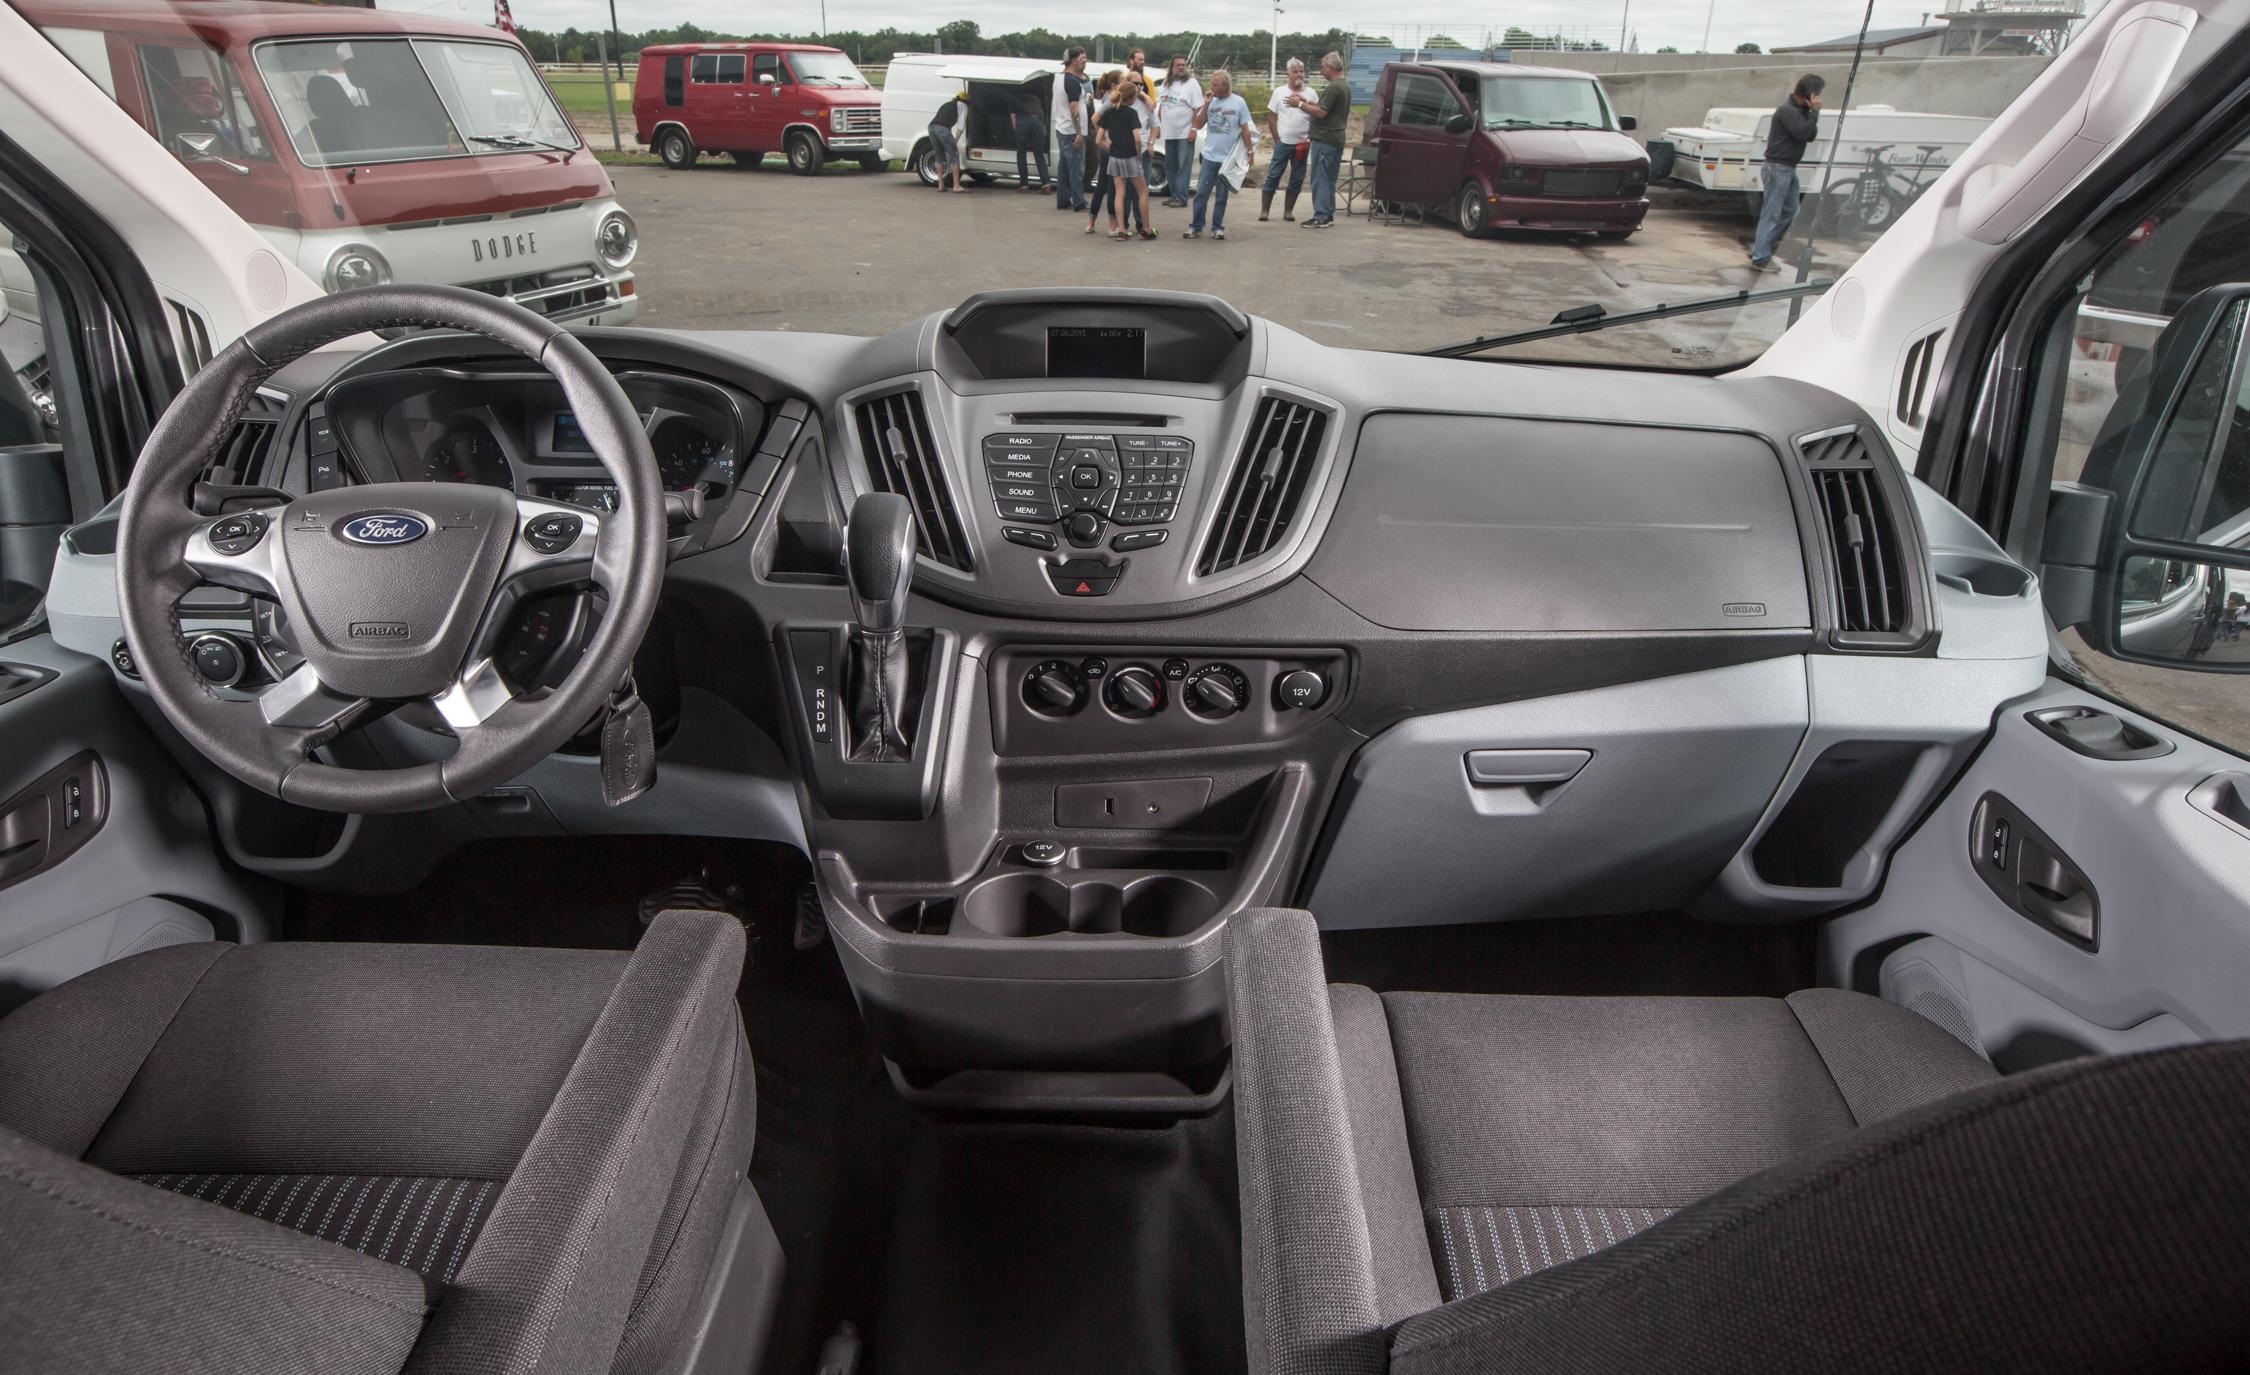 2015 ford transit 150 ecoboost interior 7021 cars. Black Bedroom Furniture Sets. Home Design Ideas